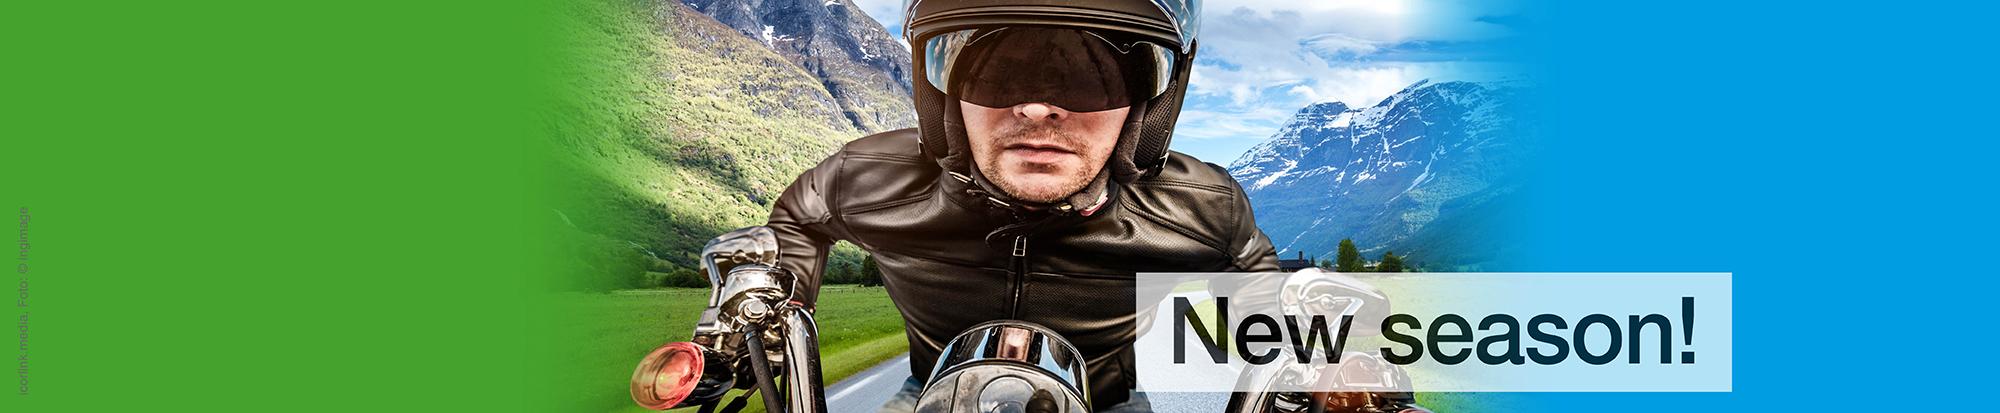 Plonner_Motorrad_Webpage Header_2000x413e NEU1